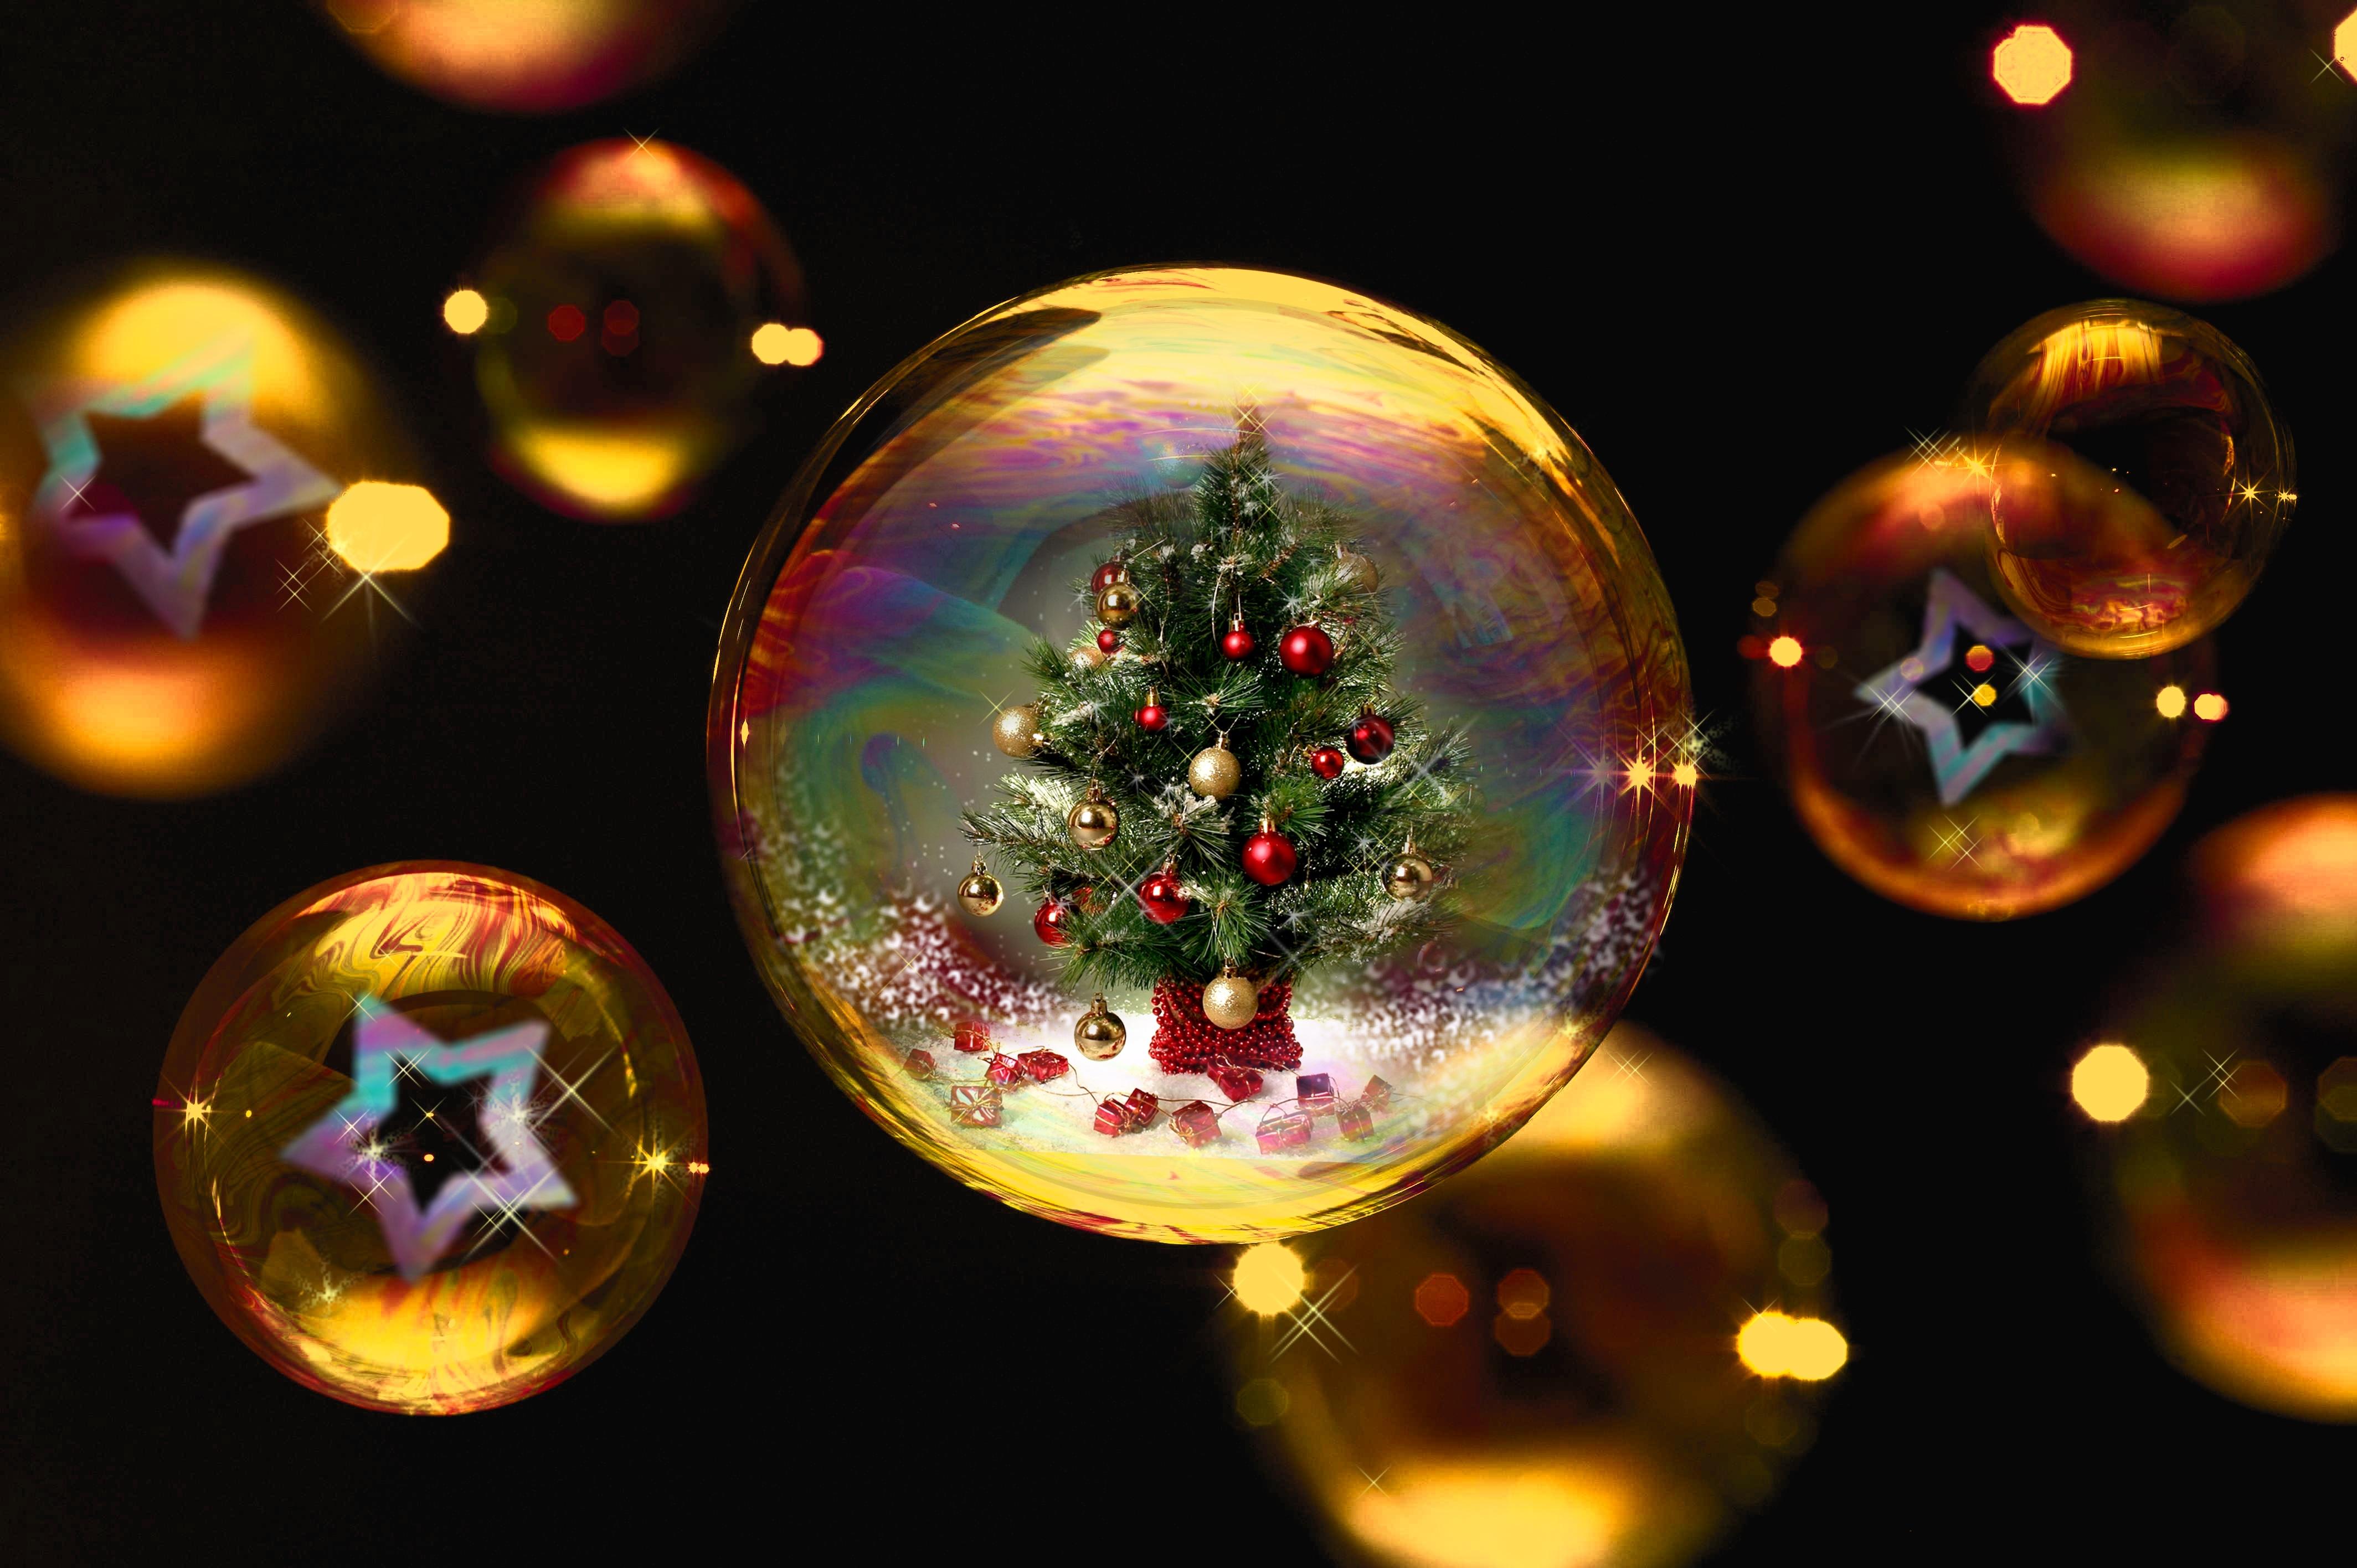 Fotos gratis : invierno, ligero, estrella, color, árbol de Navidad ...